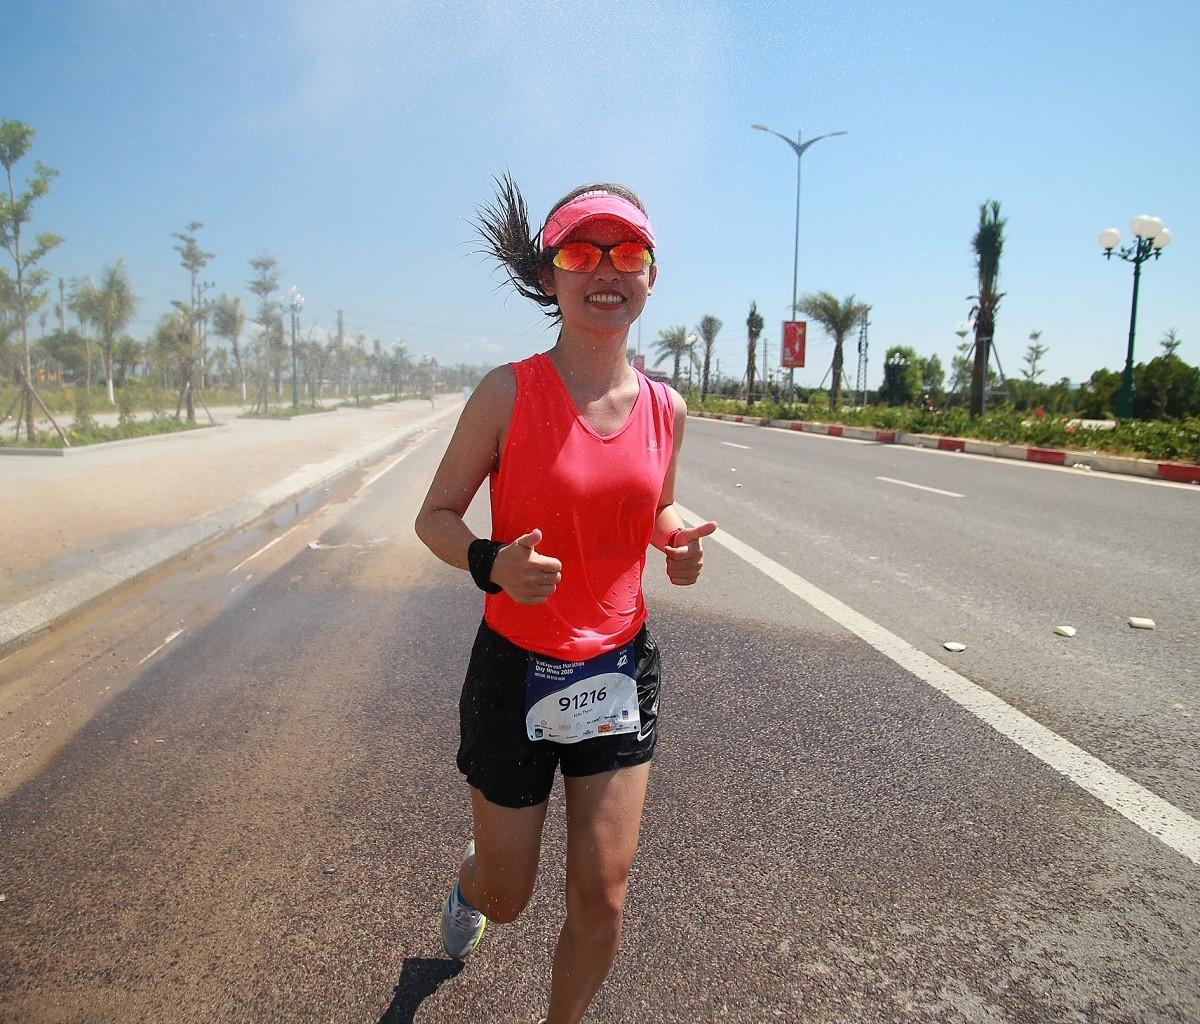 Một runner tham gia giải chạy VM Quy Nhơn 2020.